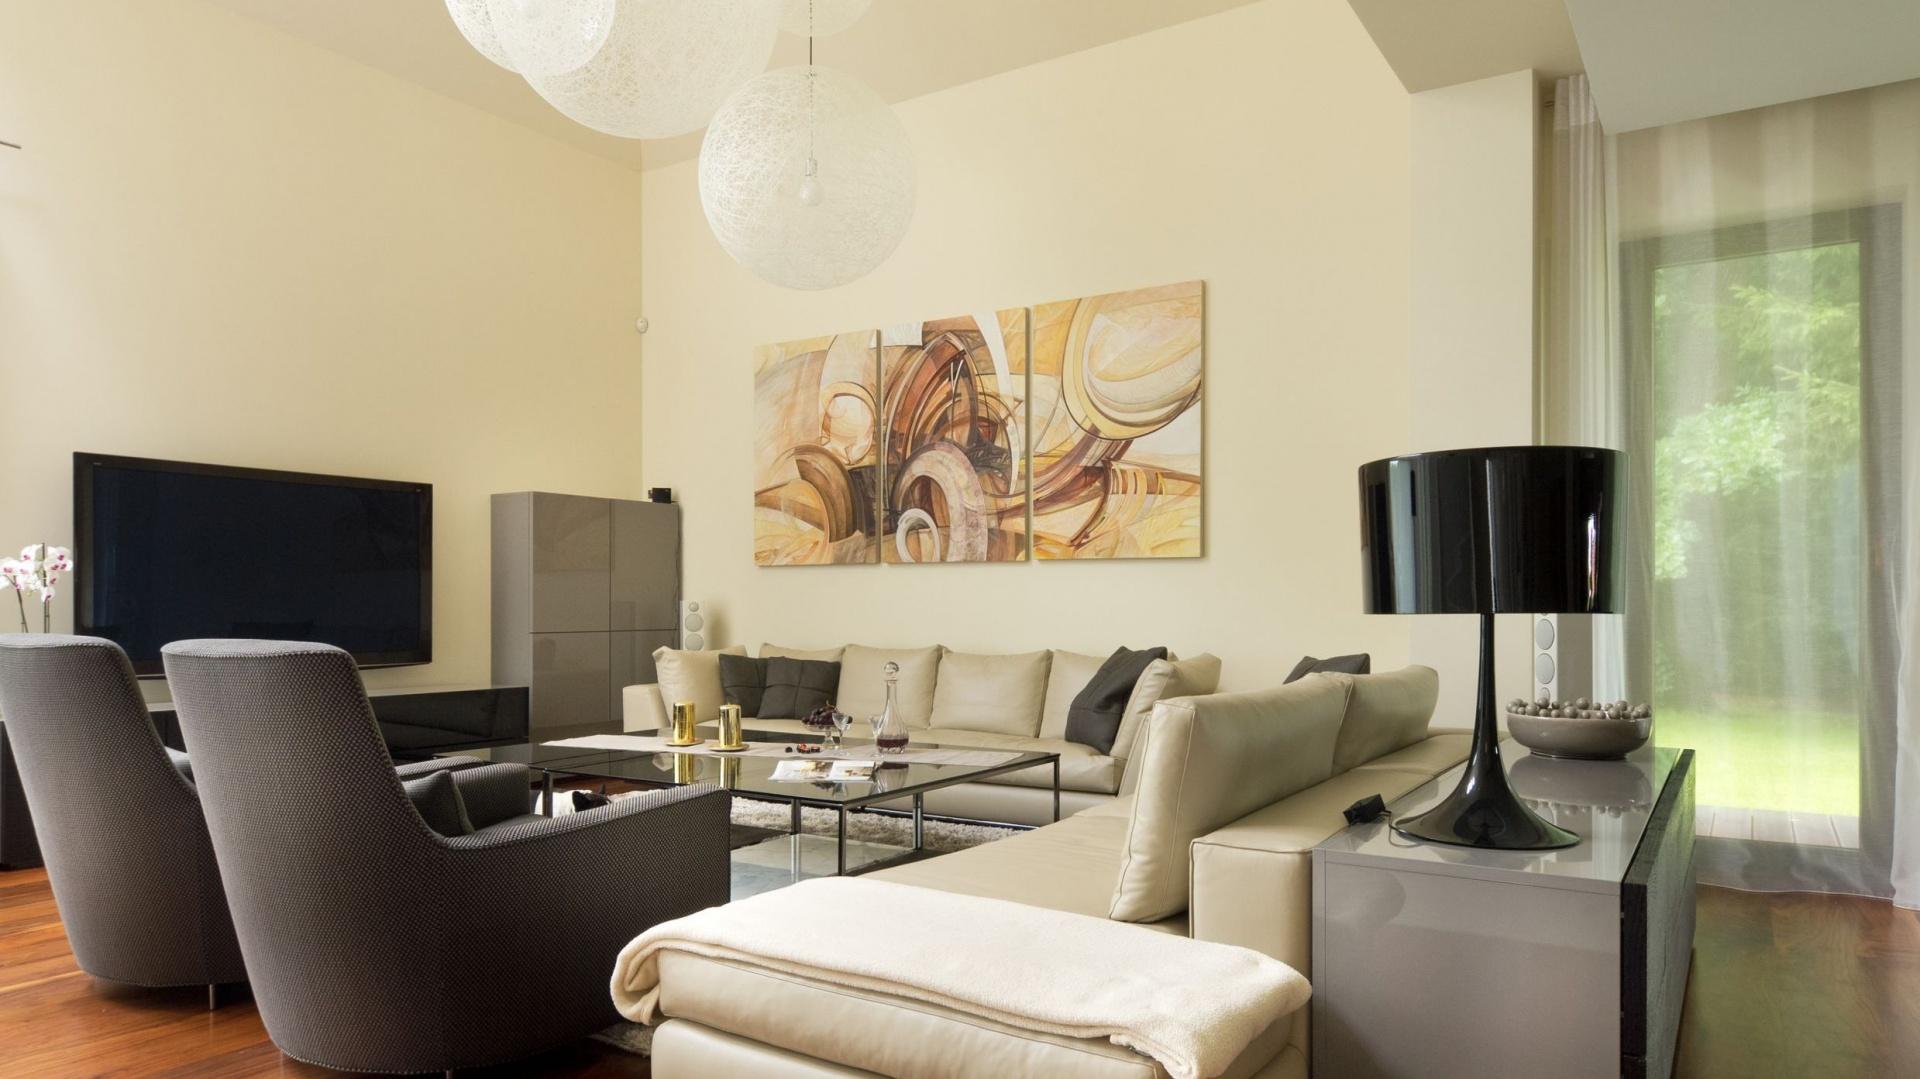 Nowoczesną formę mebli wypoczynkowych ociepla kolor: ciepły krem narożnika oraz czekoladowy brąz foteli. Ciekawym akcentem jest współczesny tryptyk, który zdobi beżową ścianę. Projekt: Tomasz Tubisz. Fot. Przemysław Andruk.